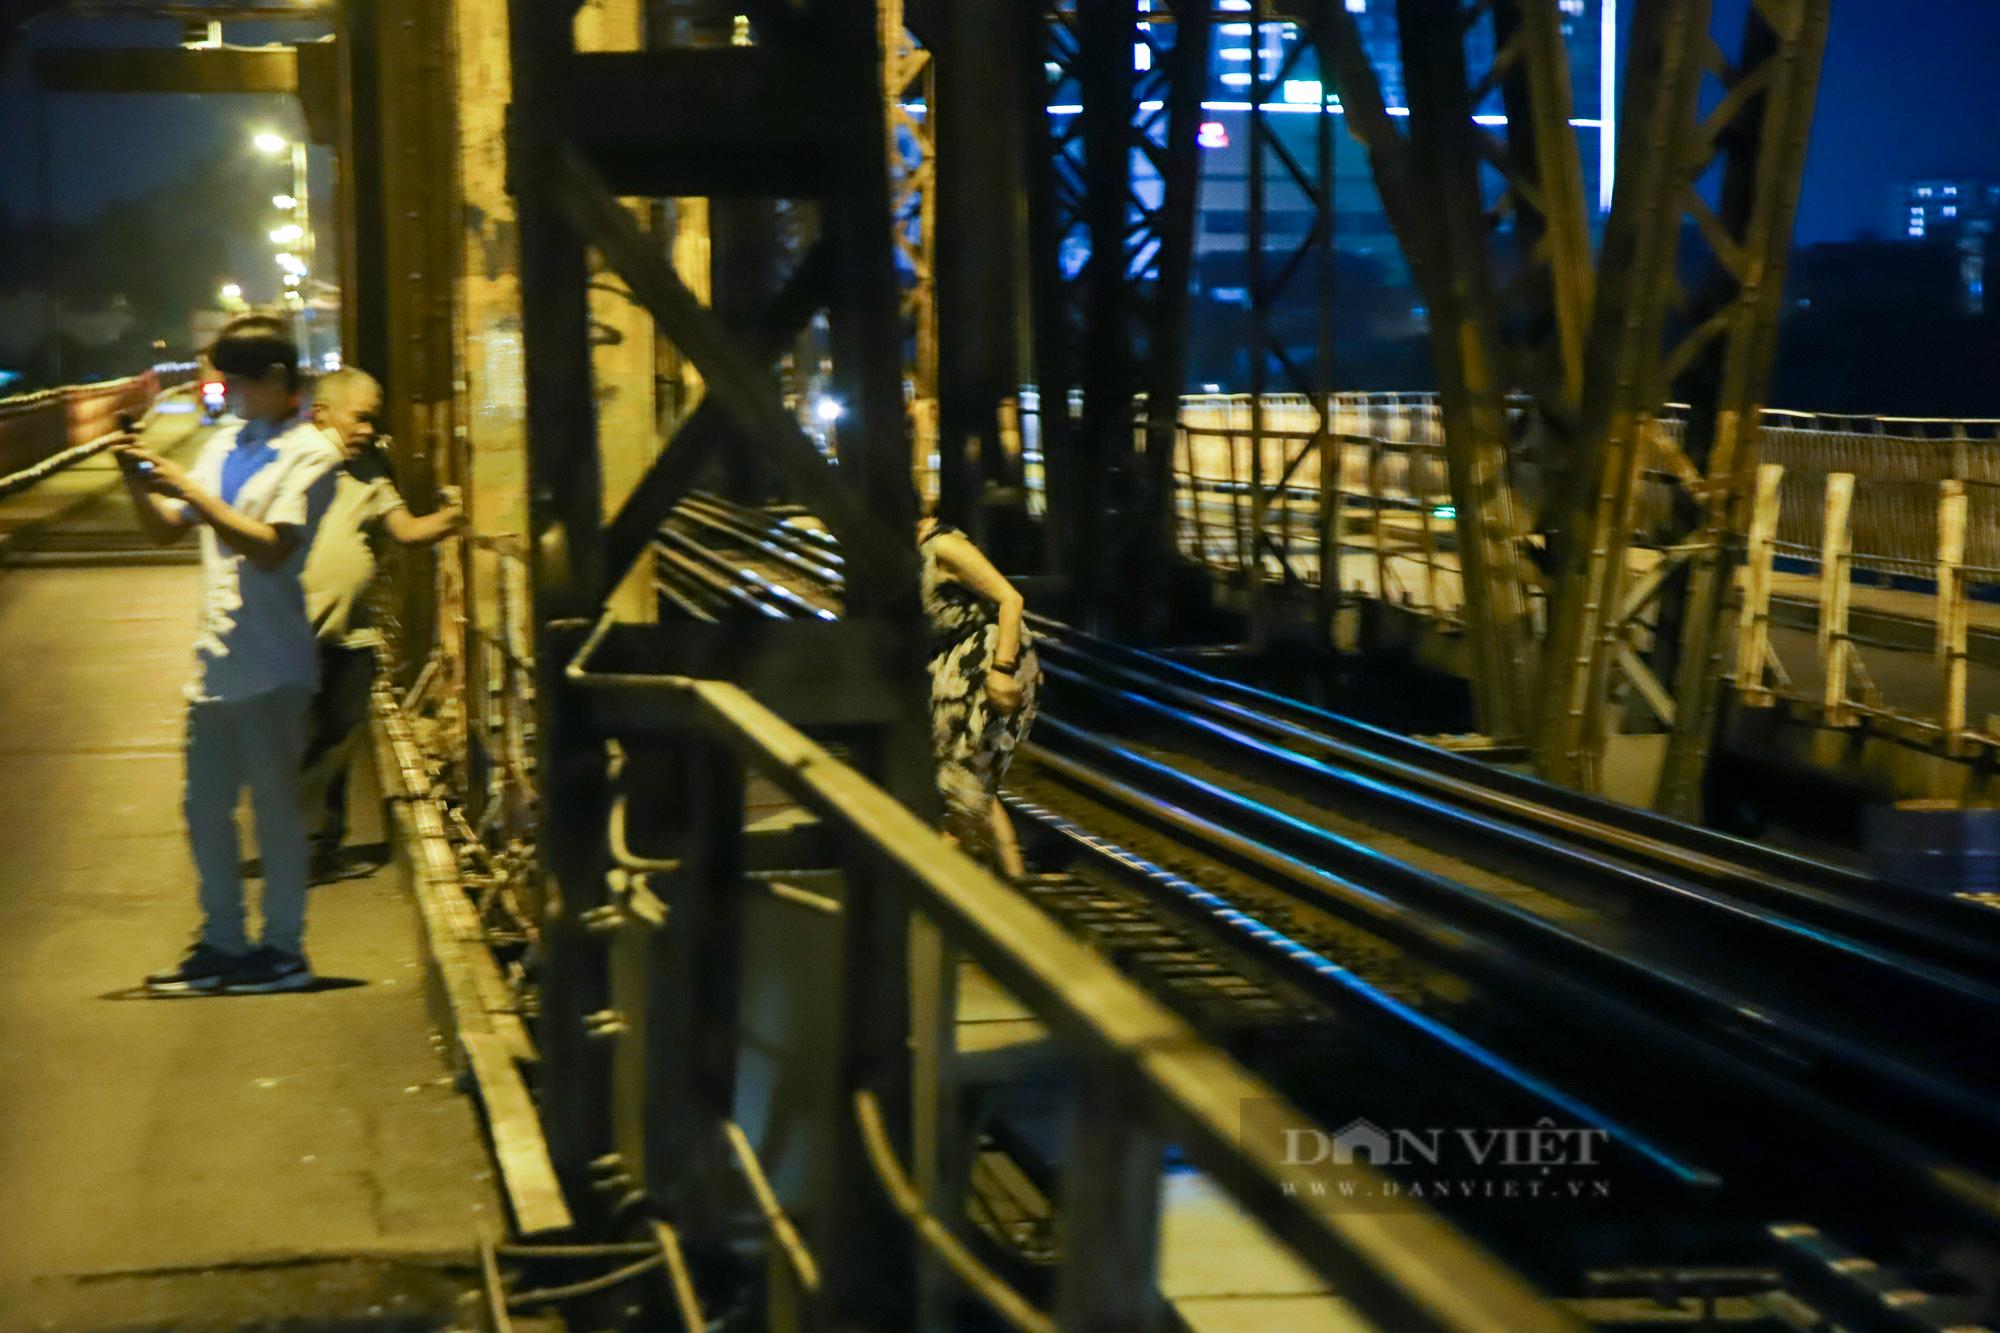 Cầu Long Biên đông đúc người hóng gió, bất chấp lệnh giãn cách xã hội - Ảnh 8.